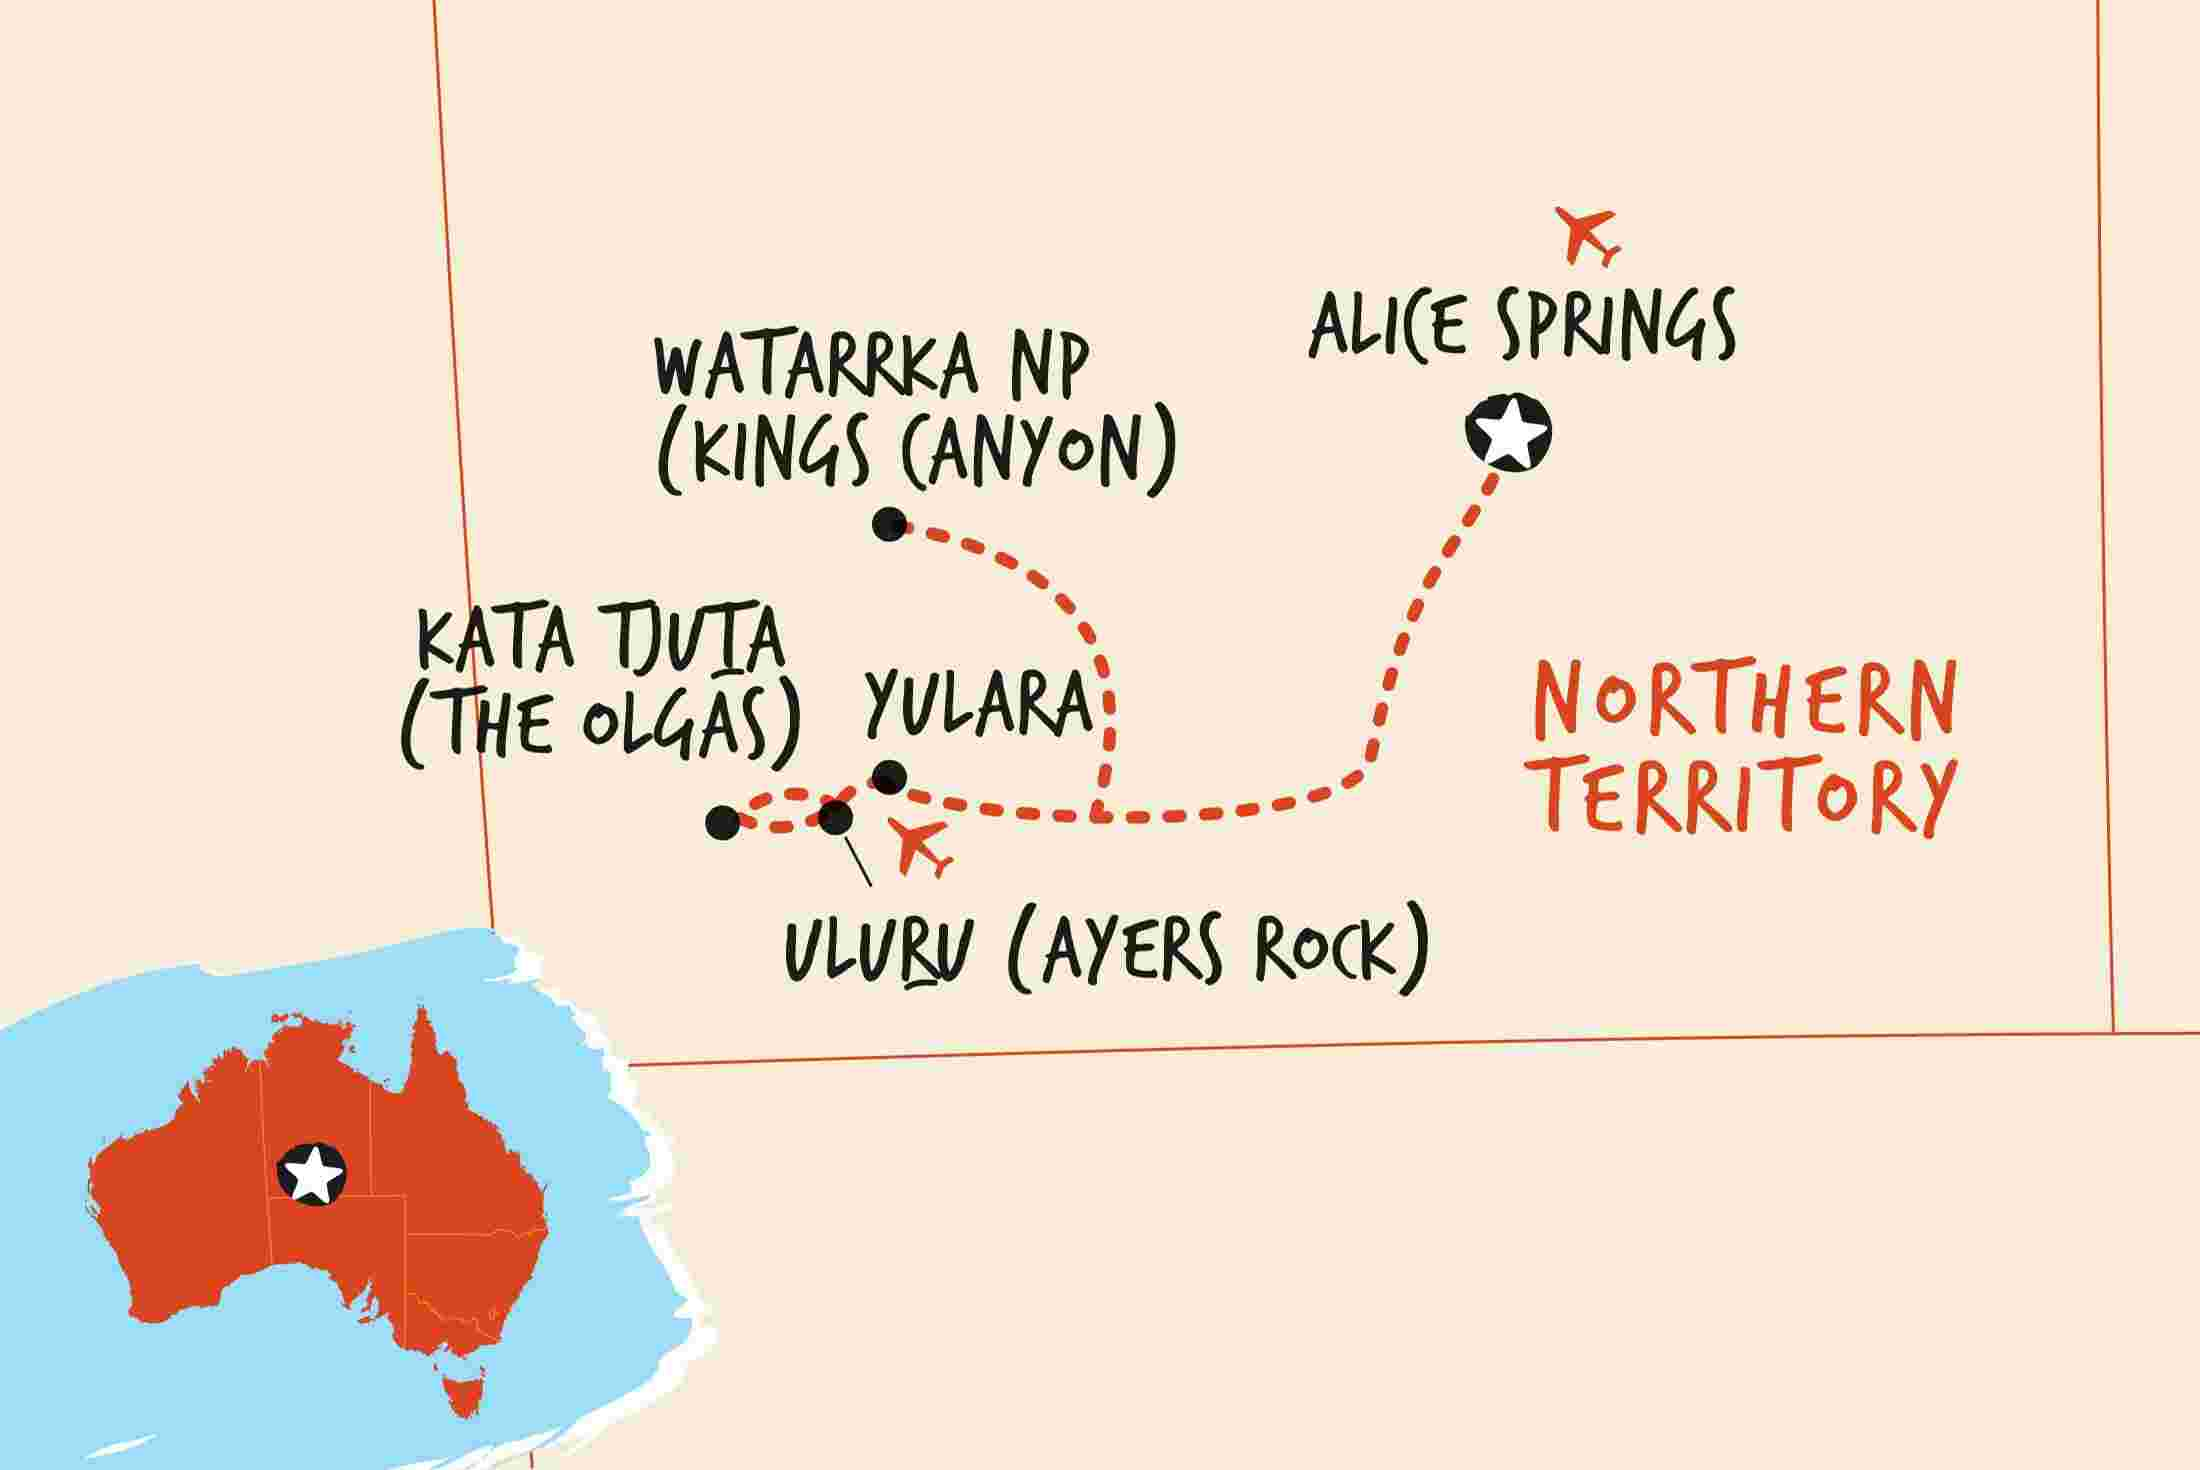 Australia Map Outback.Australian Outback Tours Adventure Tours Australia